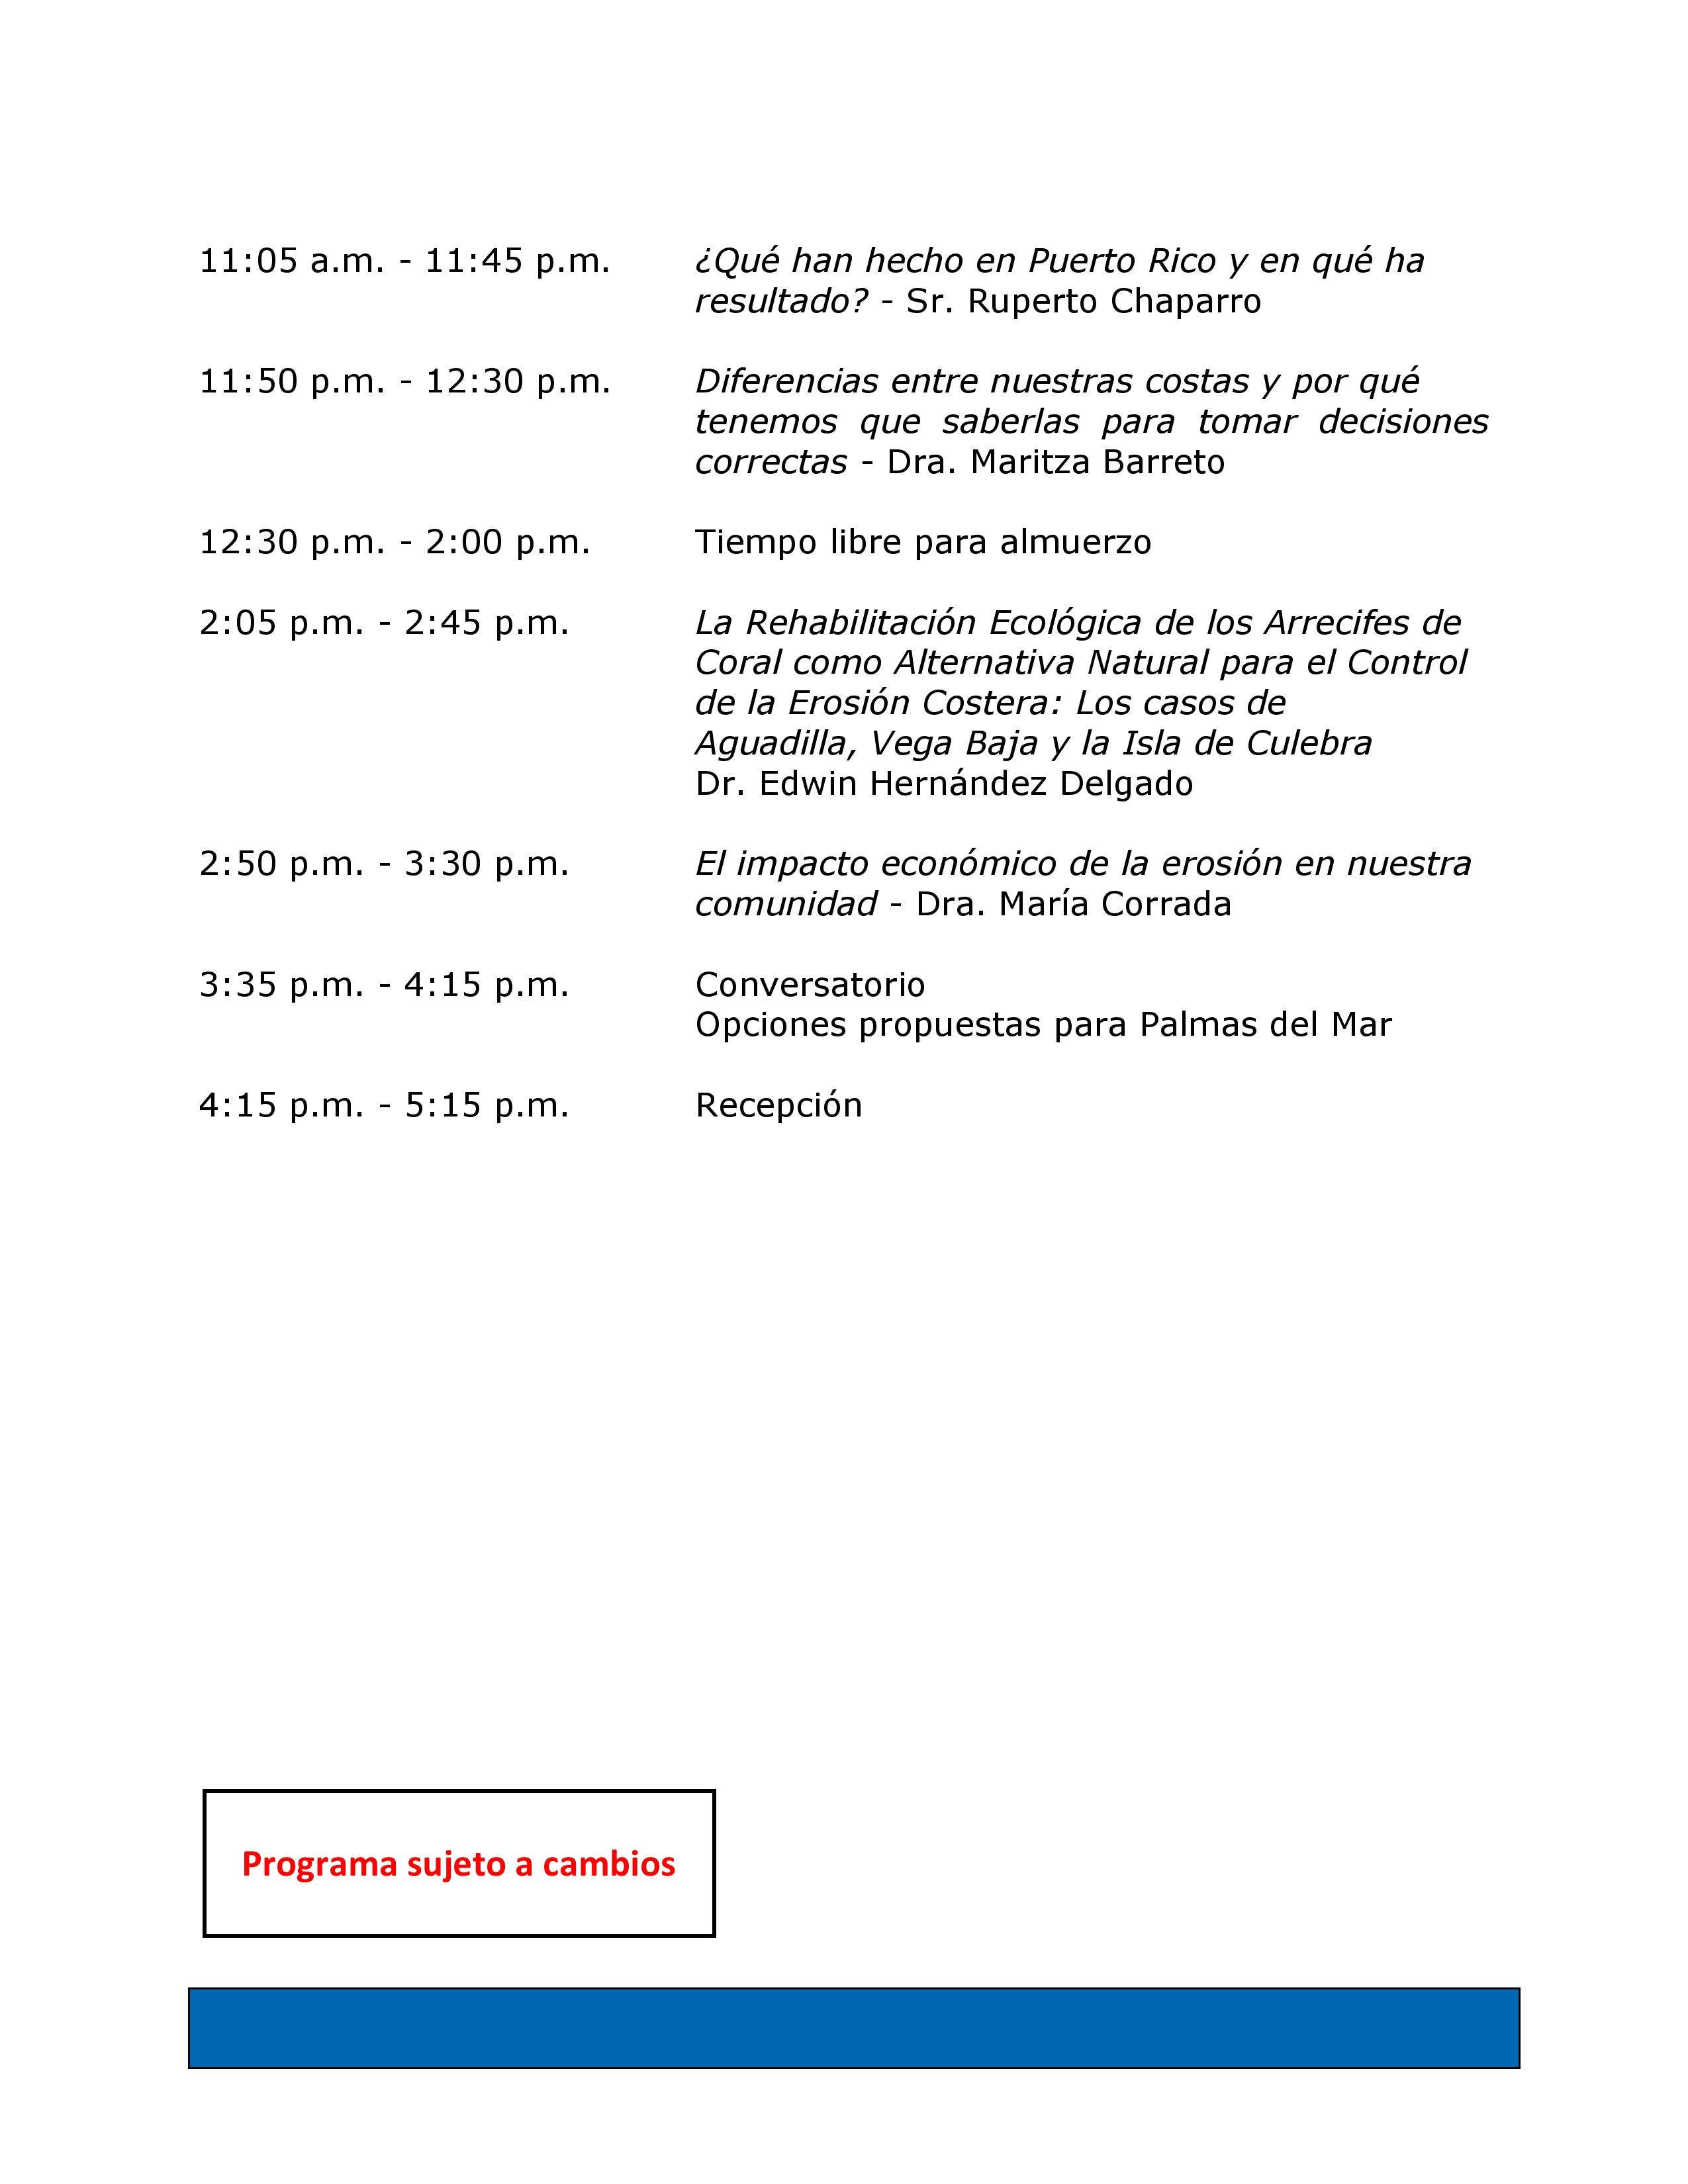 Programa de Conferencias 20 & 21 de enero de 2017